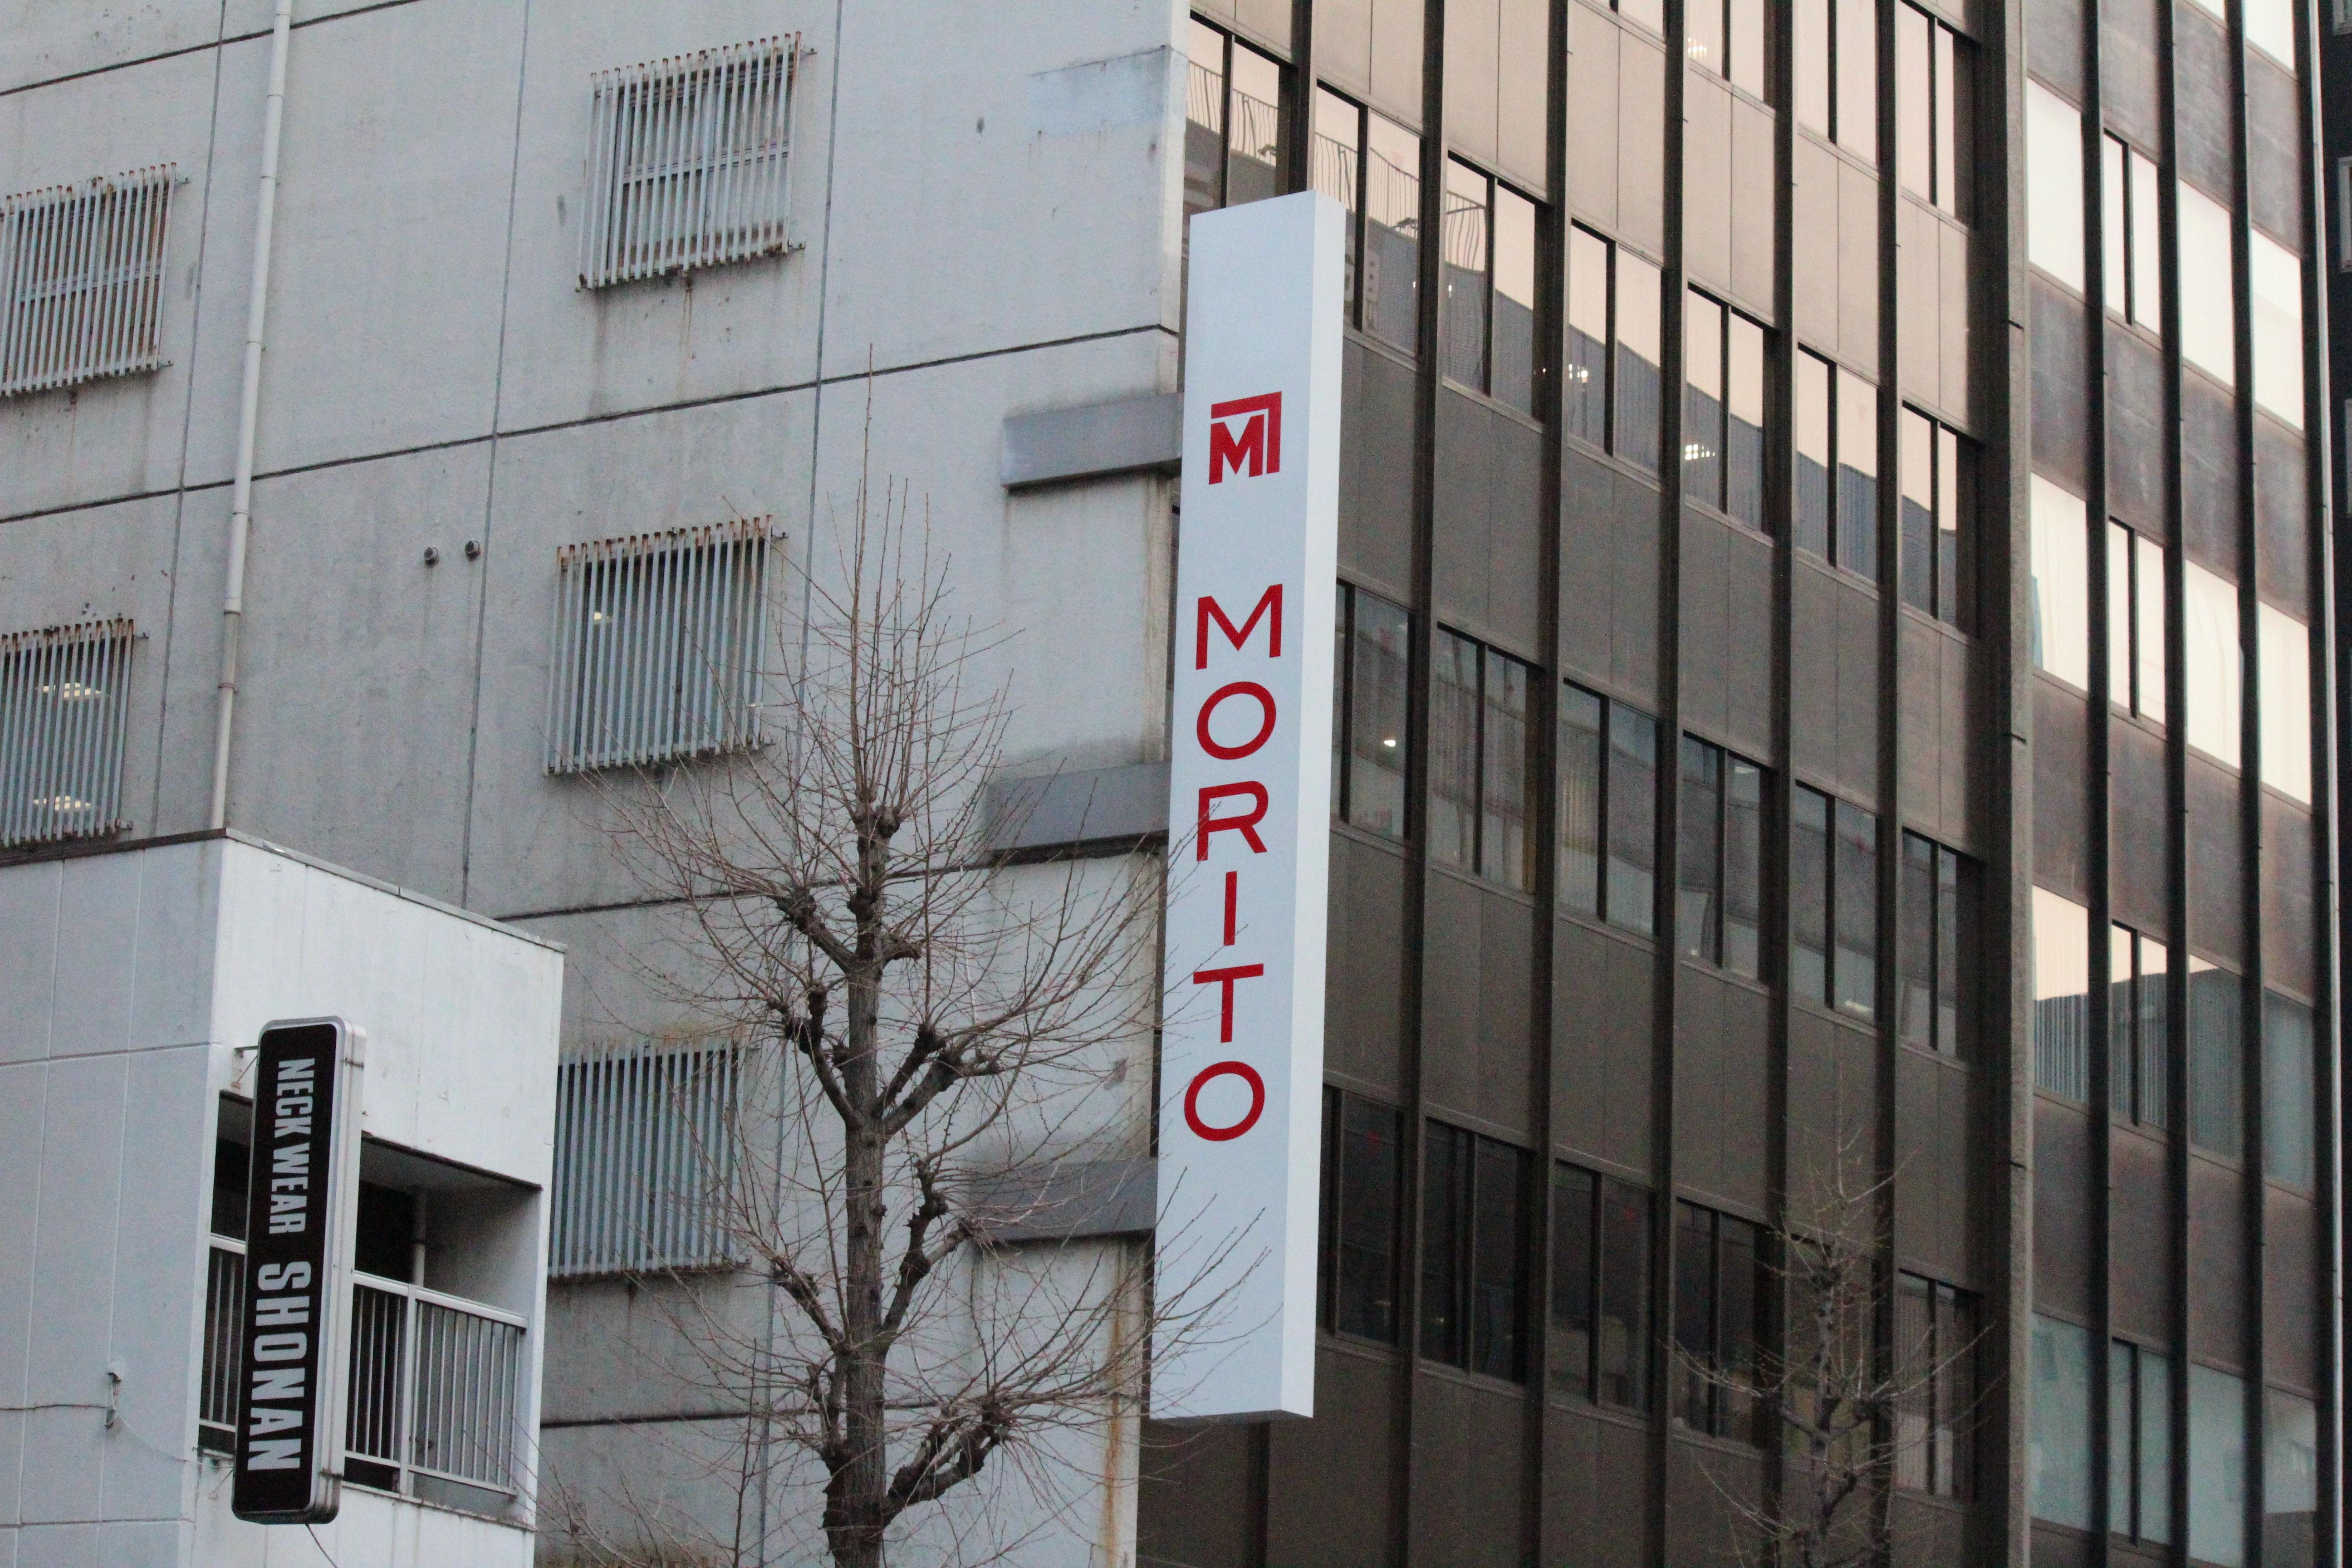 【モリト】M&A推進方針に沿った企業買収の可能性が大